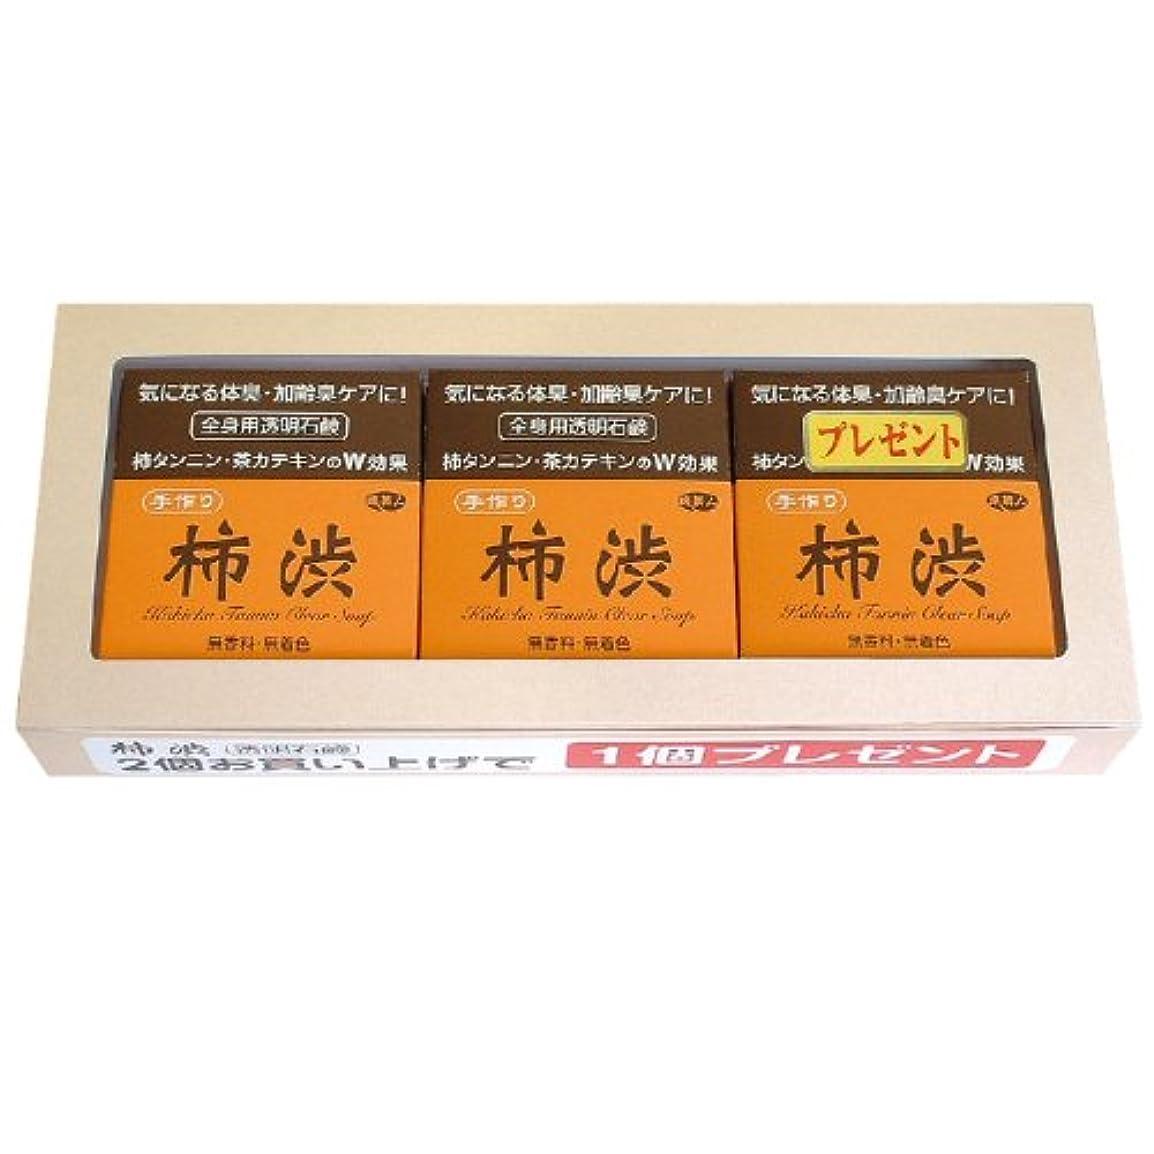 反毒巧みなタイマーアズマ商事の 柿渋透明石鹸 2個の値段で3個入りセット